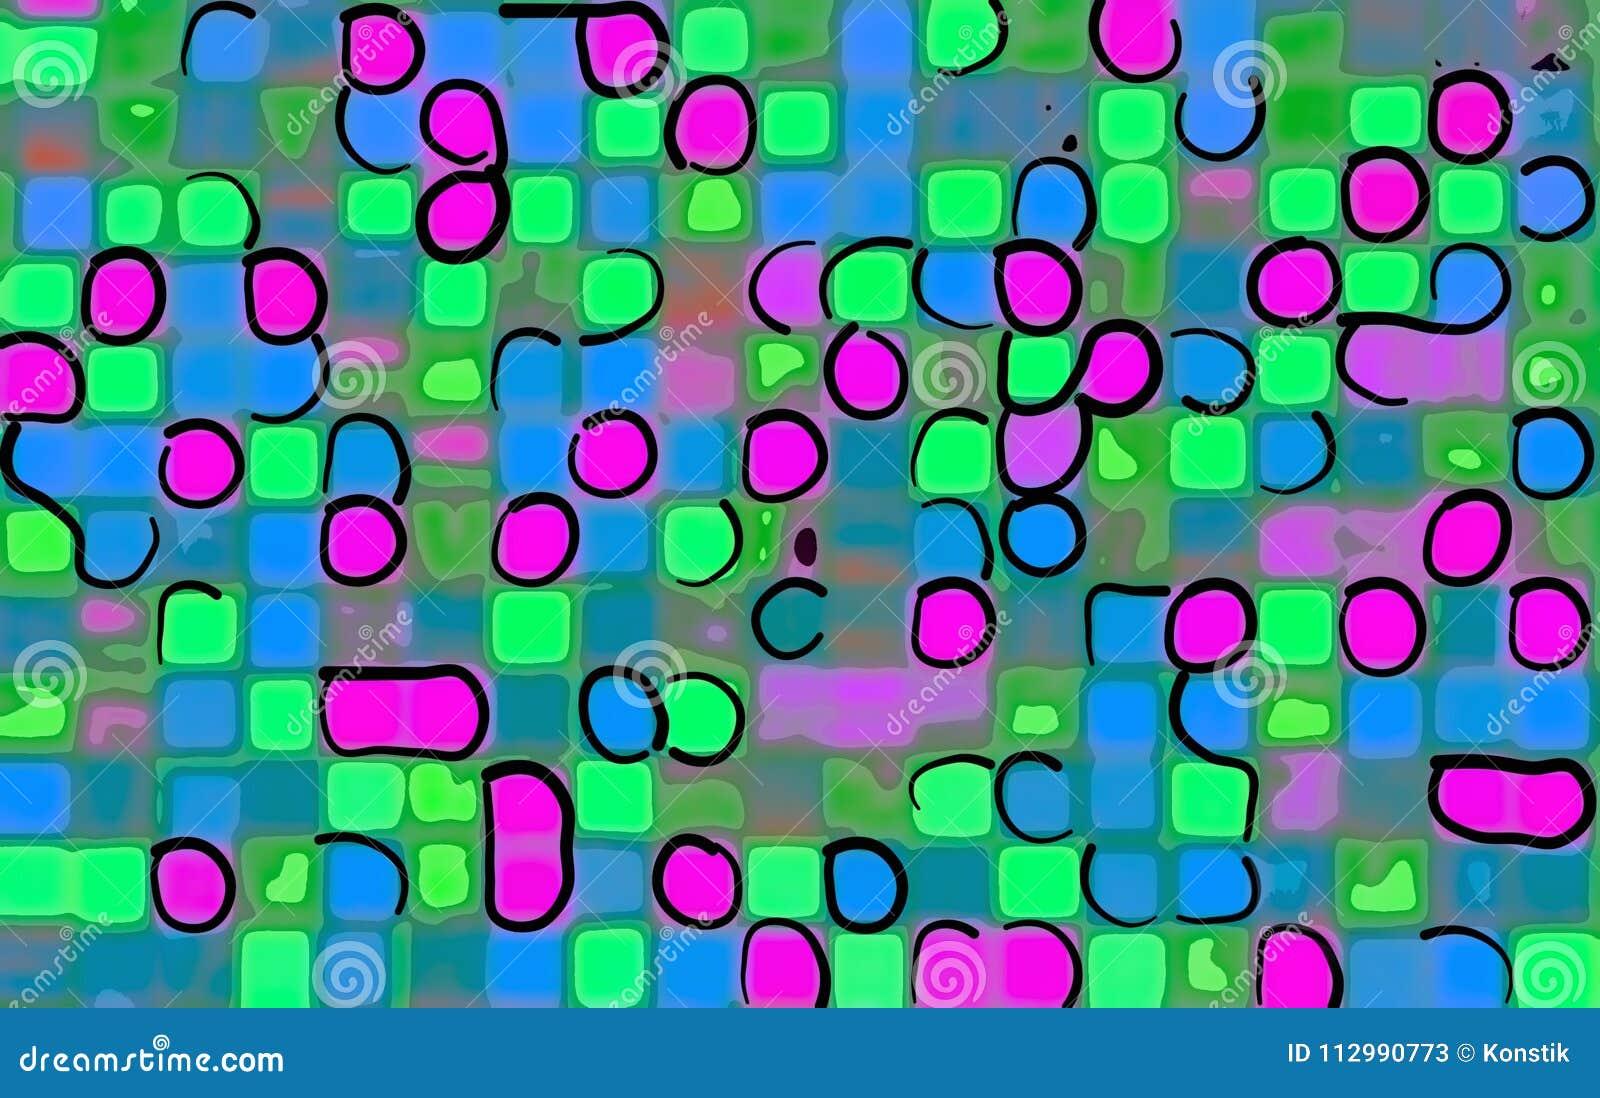 Чертеж в стиле квадратов мозаики